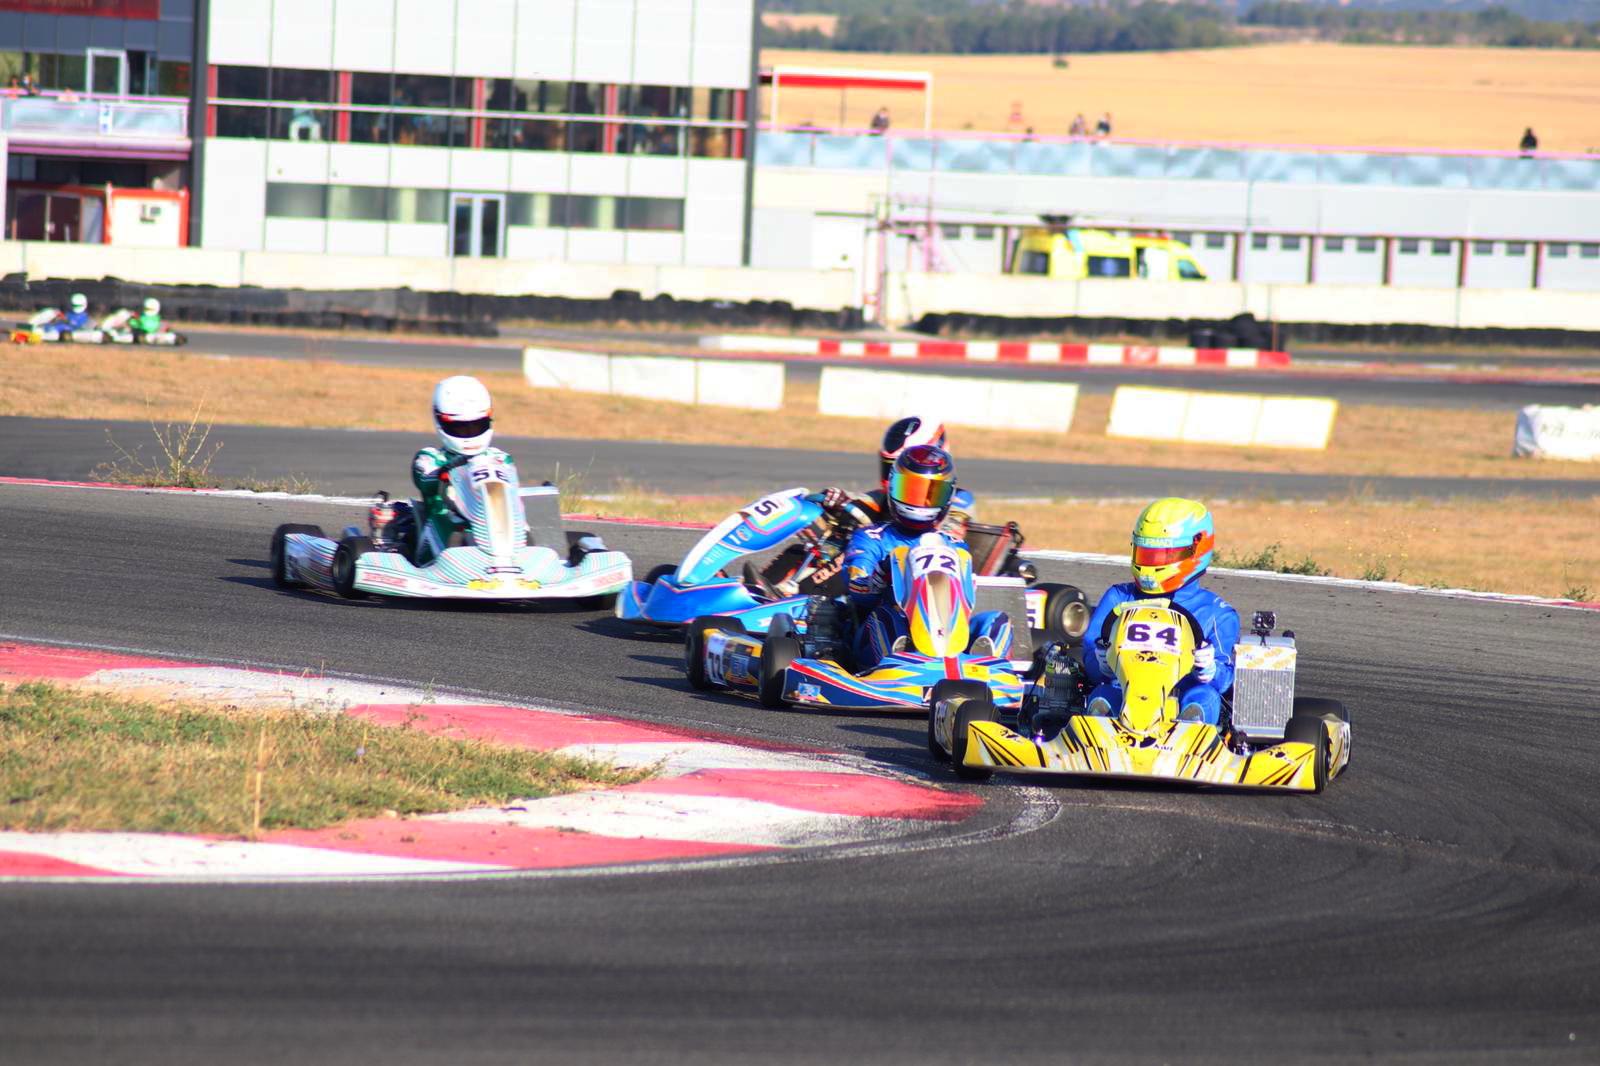 Positivo inicio del Campeonato Madrileño de Karting en Kotarr